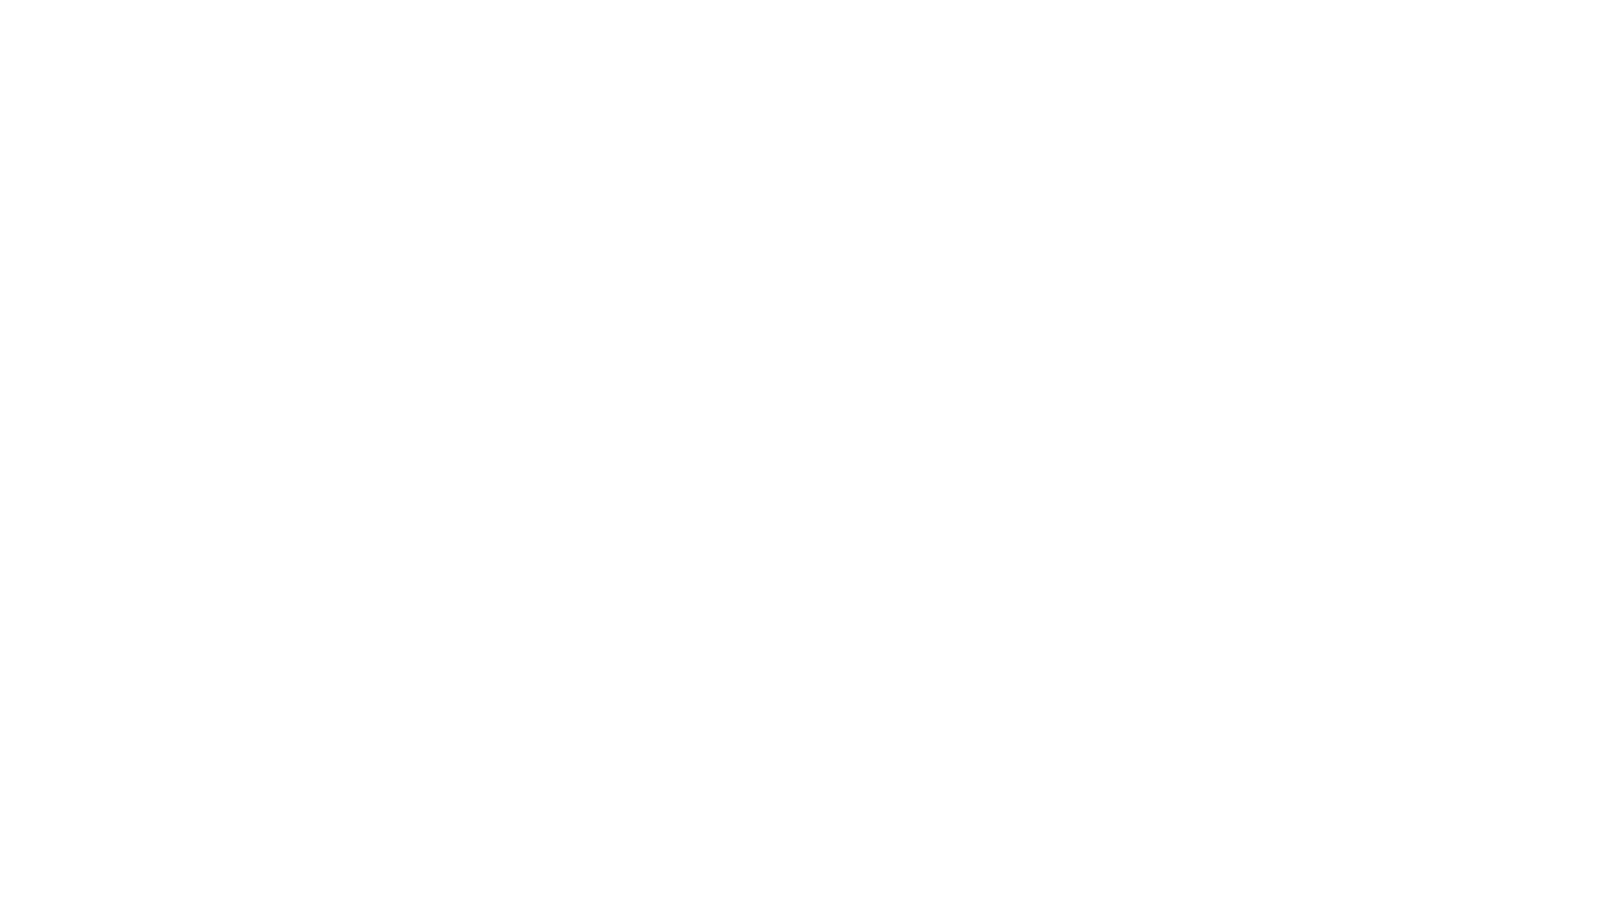 ПРОГНОЗ 2021: МЕЖДУ ЗЕМЛЕЙ И НЕБОМ  🎥  запись прямого эфира астролога Марина Вергелес, посвященный астропрогнозу на 2021 год.  👉 Основные темы эфира:  ✅ Сатурн и Юпитер в Водолее: Идеи и законы новой эпохи ✅ Сатурн и Юпитер в квадратуре с Ураном: Борьба старого и нового мира ✅ Ретро-петля Юпитера Водолей - Рыбы: Переворот сознания ✅ Ретро-петля Венеры в Козероге: Трансформация ценностей старого мира ✅ Затмения 2021: Вектор новых знаний ✅ План 2021 года: лучшие и худшие периоды для начинаний, карьеры и бизнеса, знакомств и отношений, покупок и поездок  Дополнительные материалы:   👉  Эра Водолея: Новое качество Мира https://clck.ru/SdFav  👉  Прогноз на 2021 год: Между Землей и Небом https://clck.ru/Sfstg  Консультации на 2021 год: https://clck.ru/SY2vS Вотсап +7-925-738-23-83  Пишите ваши впечатления, задавайте вопросы.  #гороскоп #астрология  #астропрогноз #2021